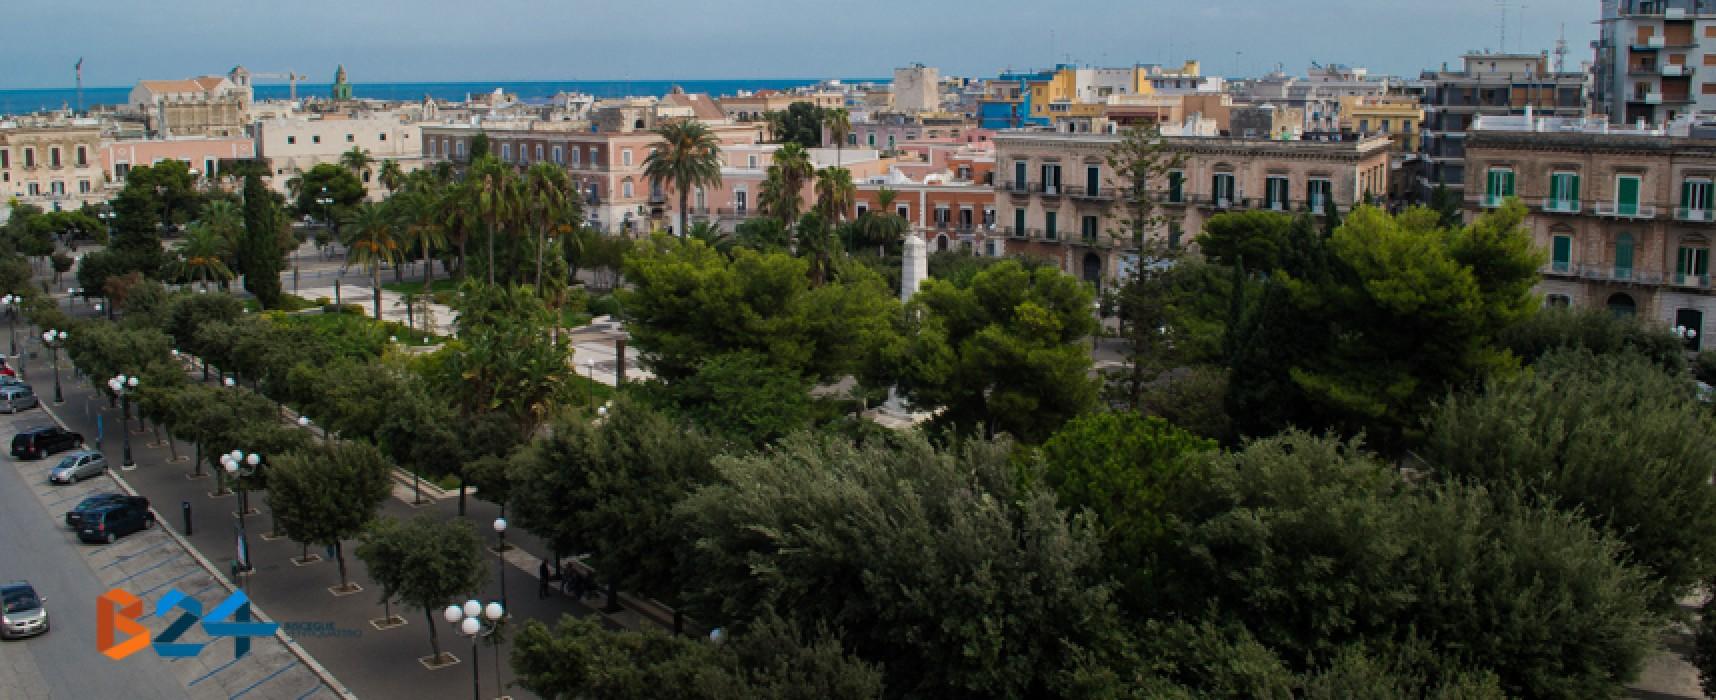 Piazza Vittorio Emanuele, Diaz e Regina Margherita: aggiudicata la gara per la manutenzione di verde e fontane